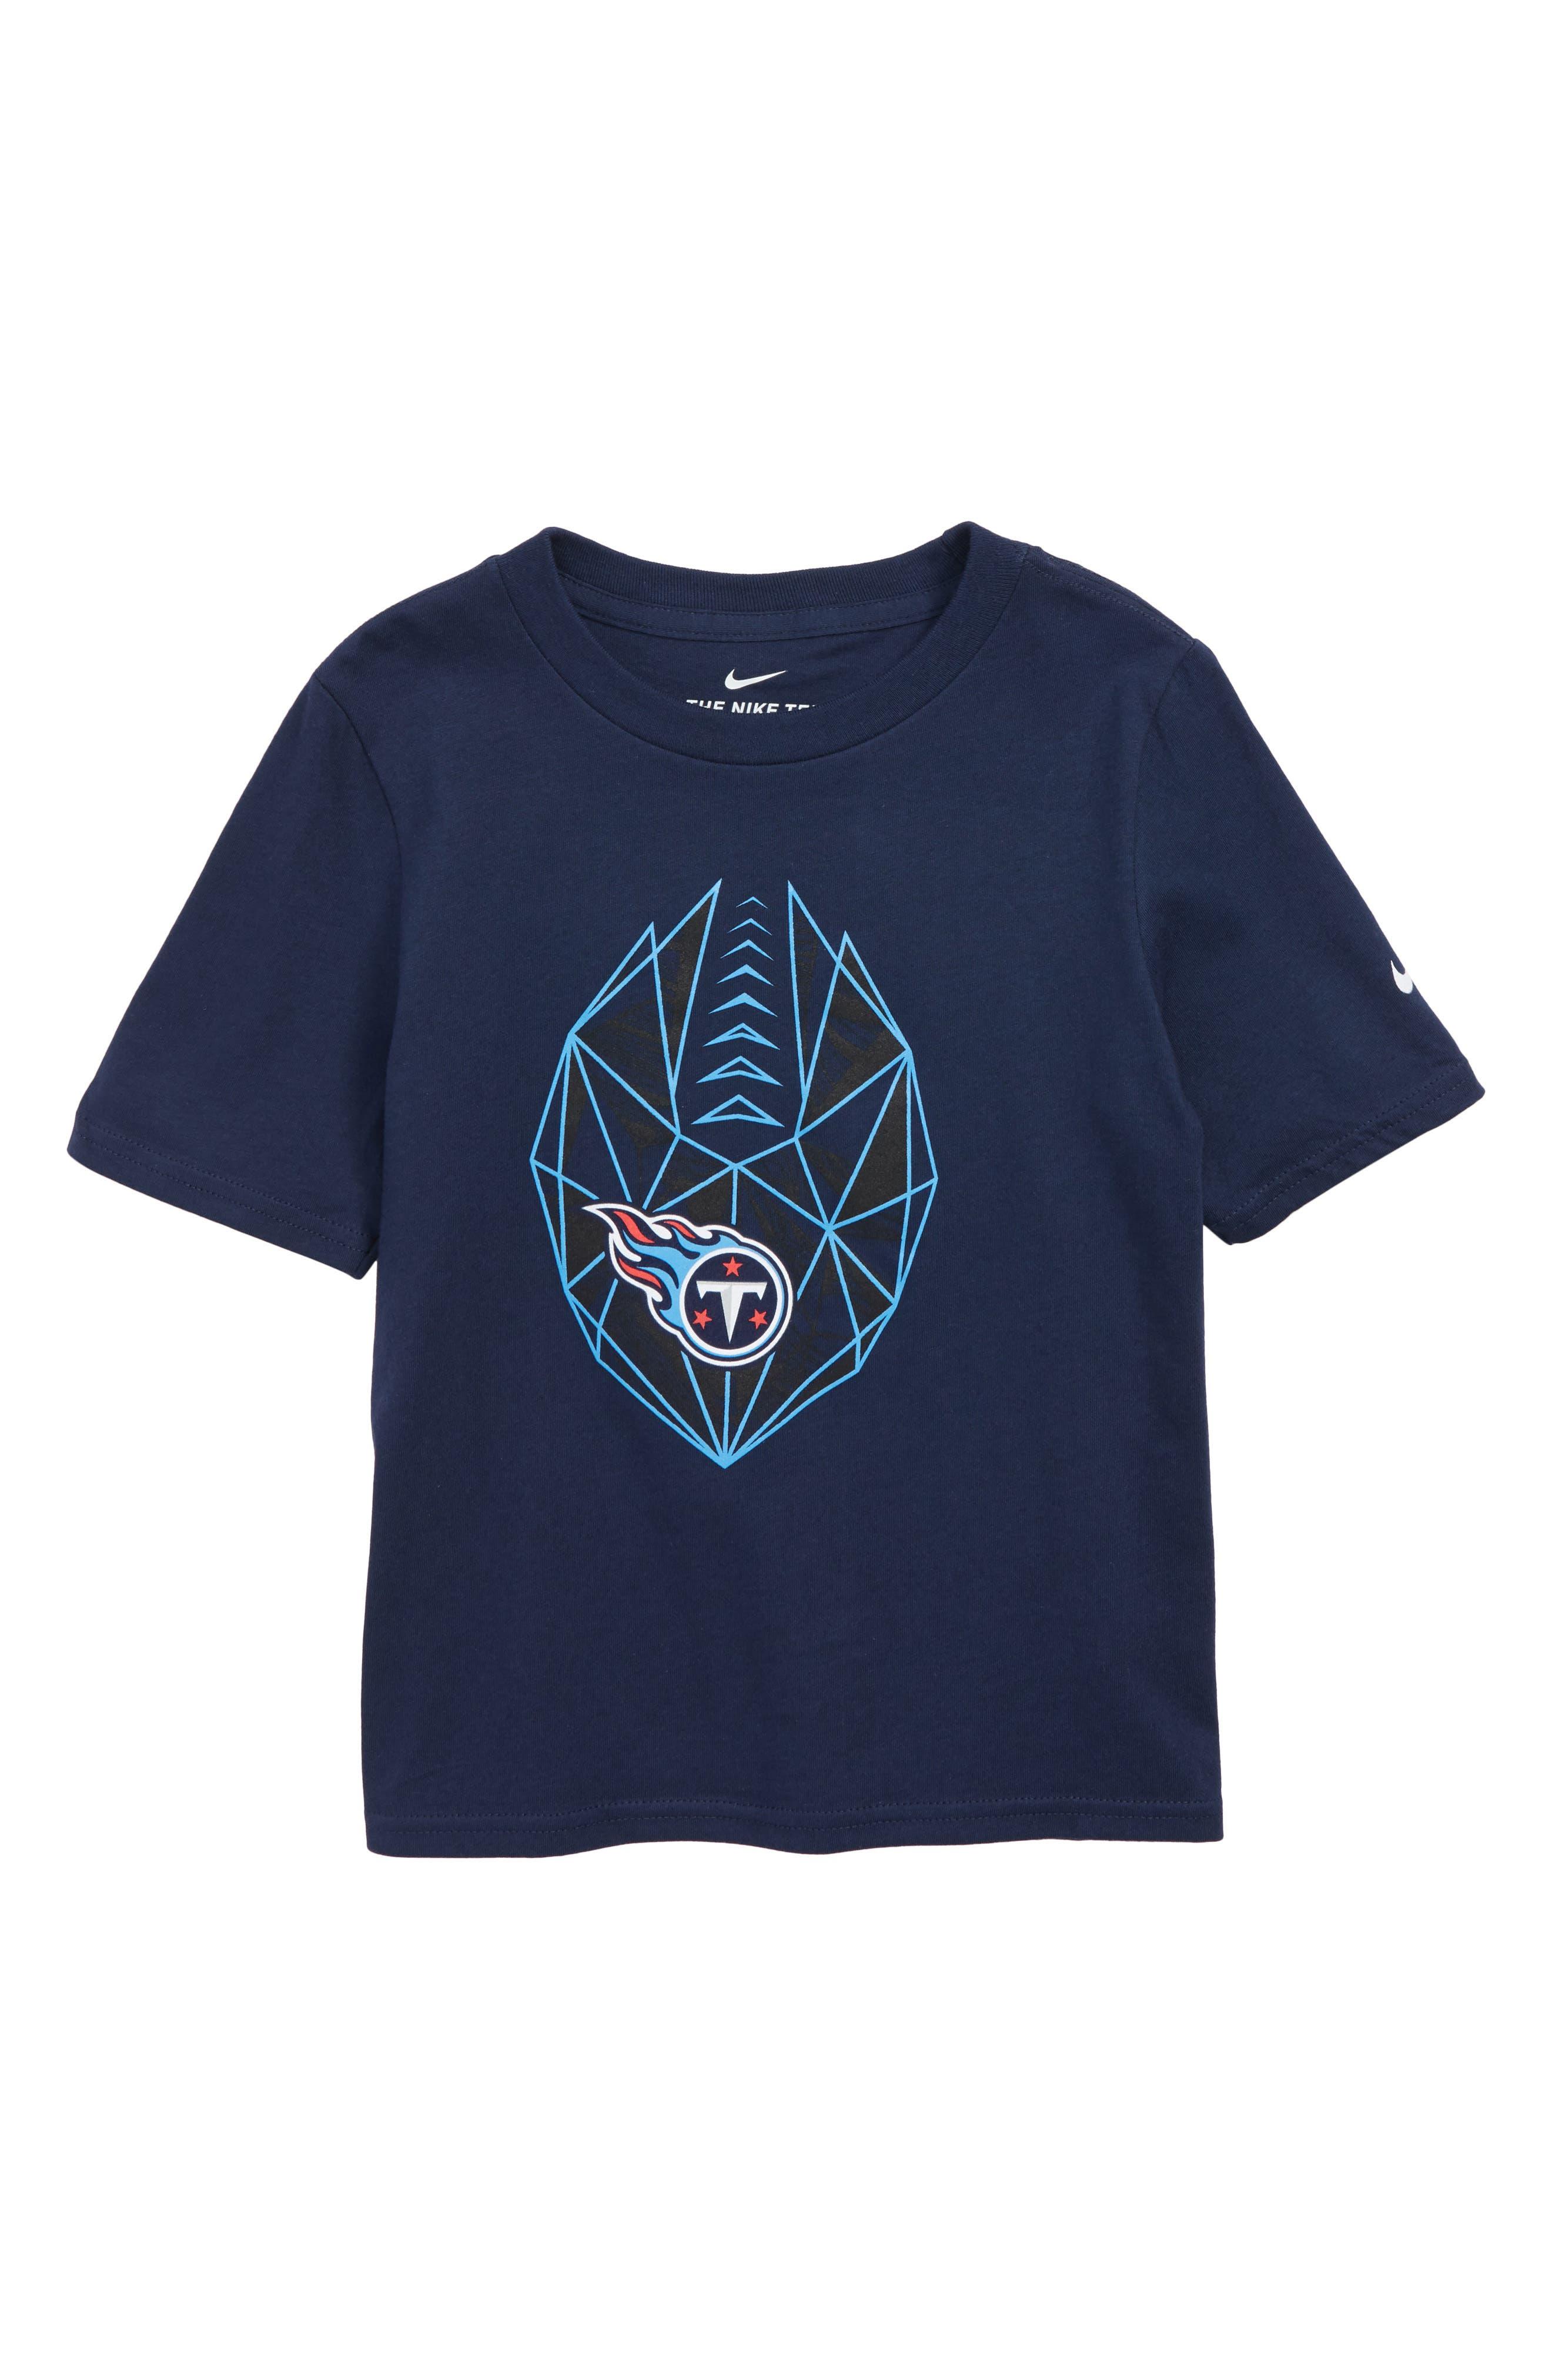 NFL Legend NFL Titans T-Shirt,                             Main thumbnail 1, color,                             NAVY